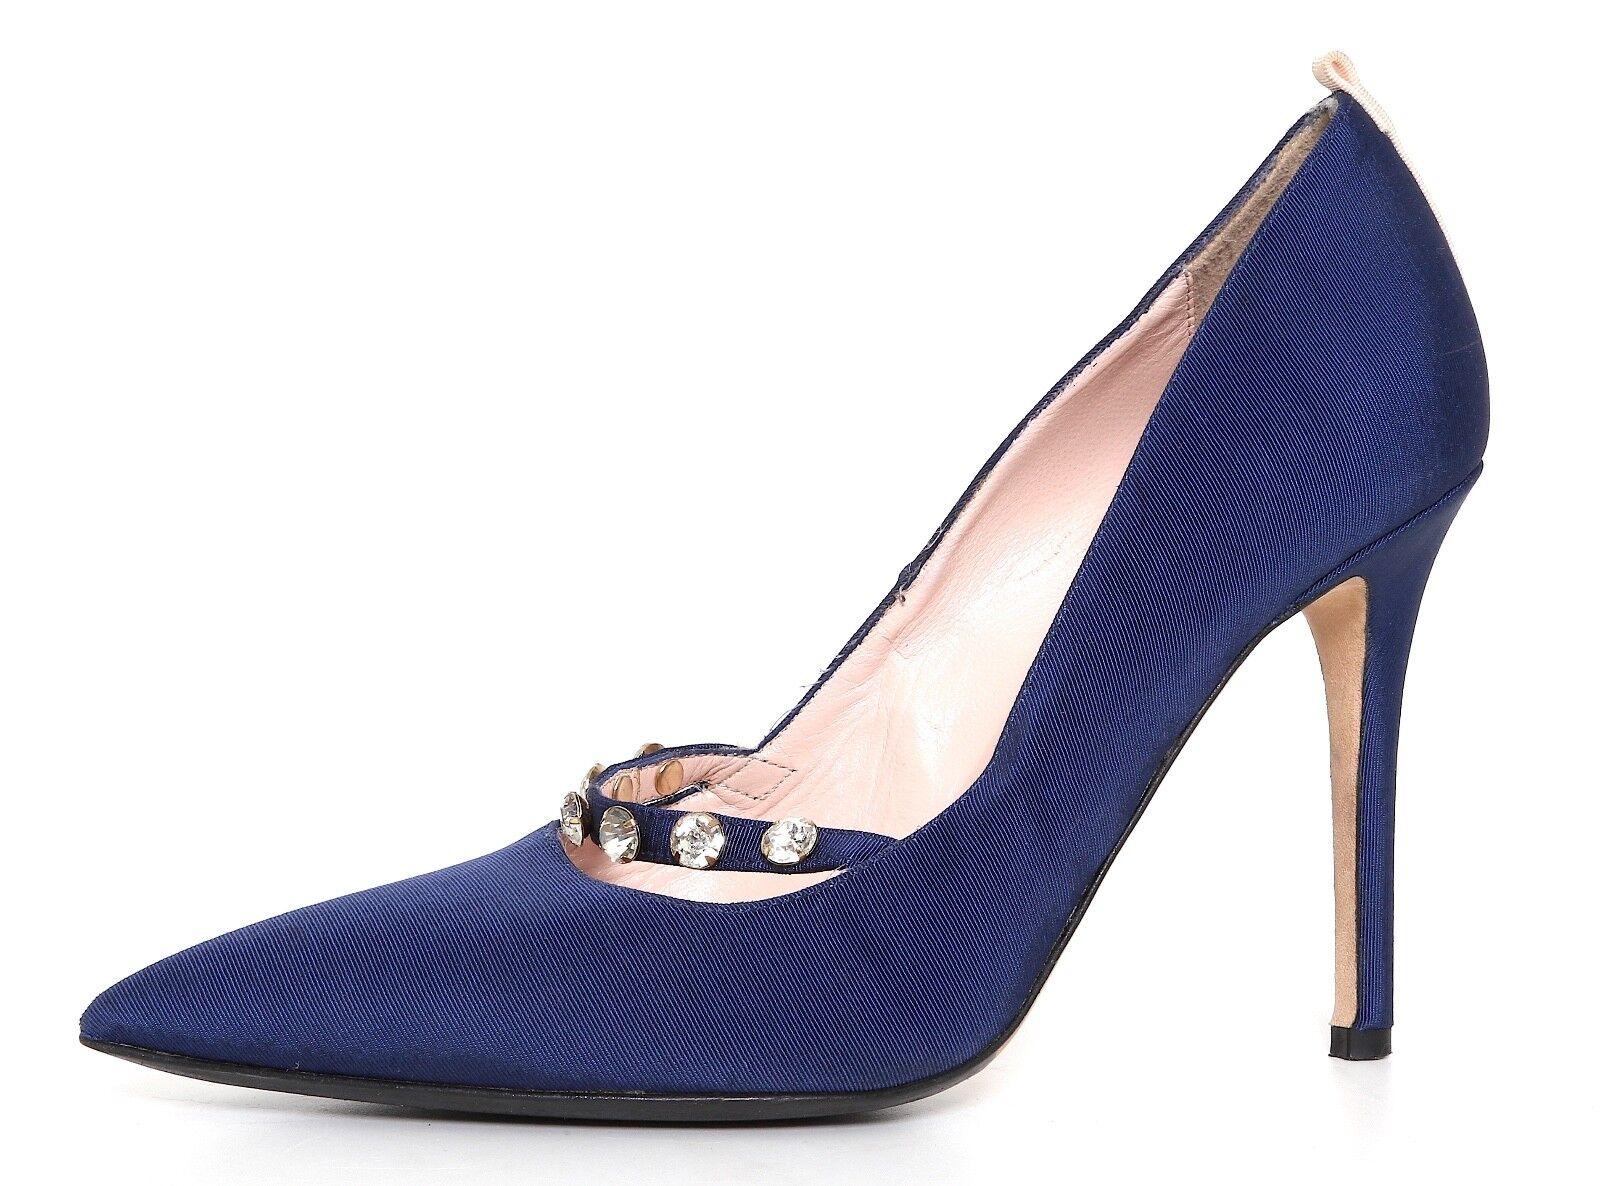 SJP High Heel Pumps Navy bleu femmes Sz 35 EUR 1133